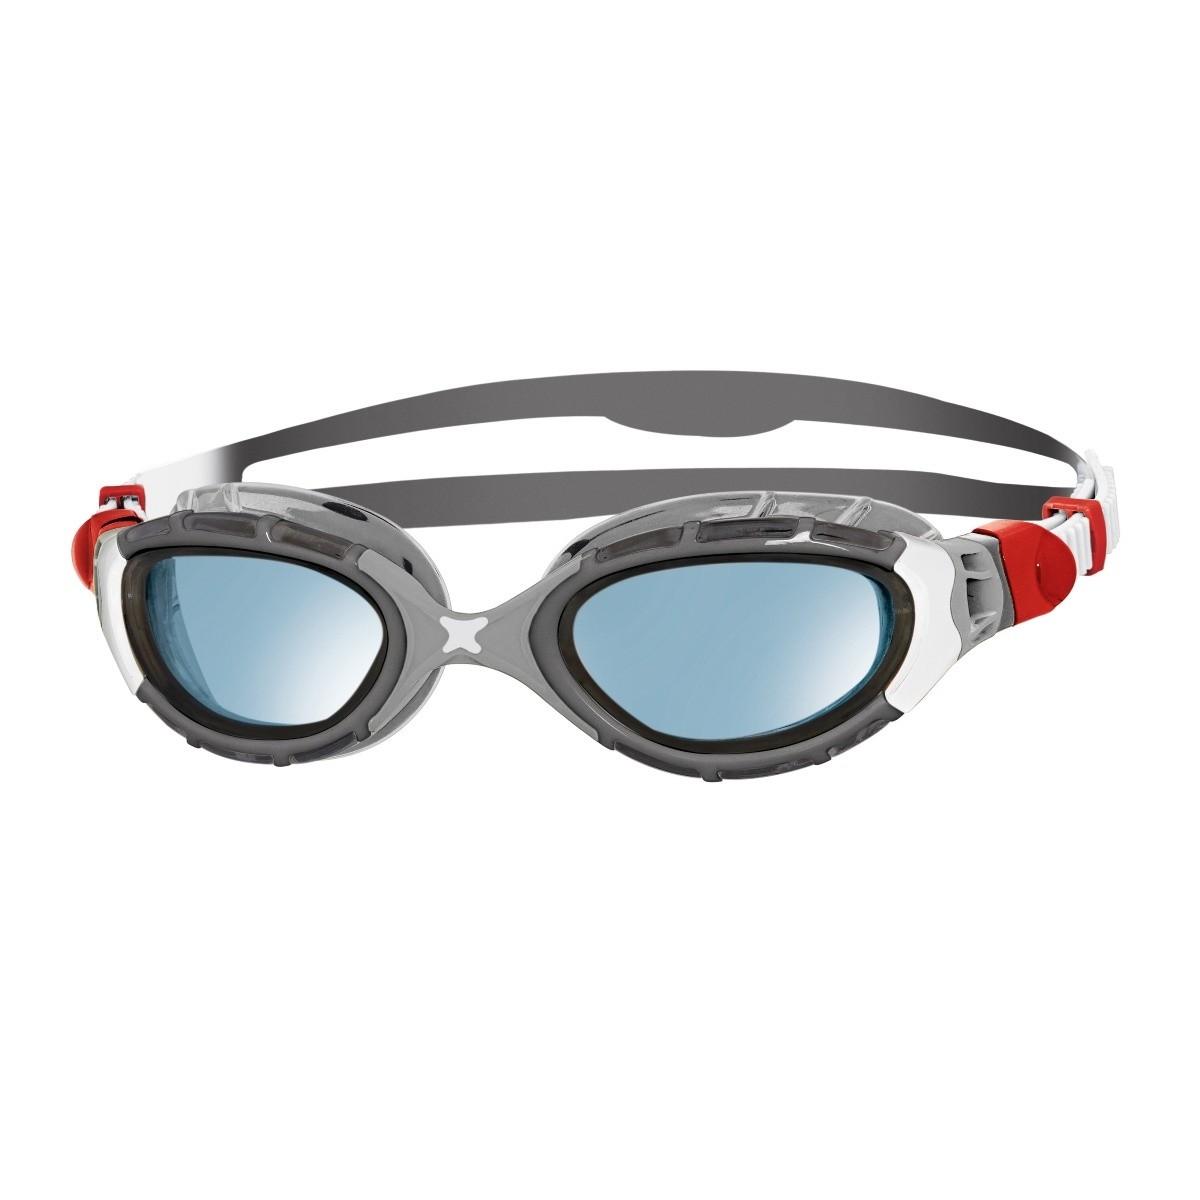 Oculos de Natacao Zoggs Predator Flex Lente Azul